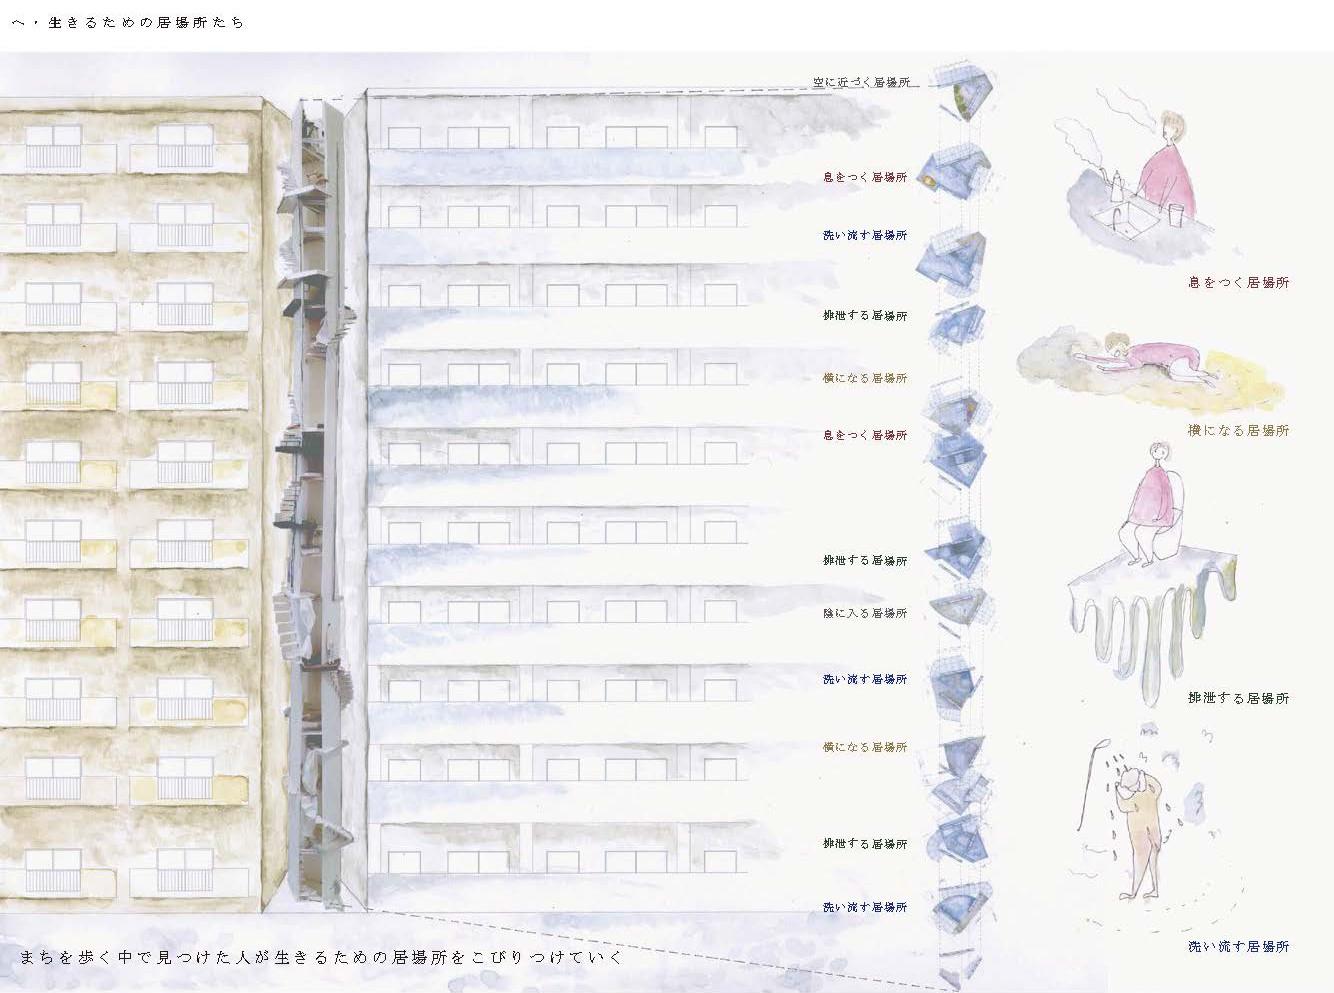 建築展WEB_ページ_08.jpg